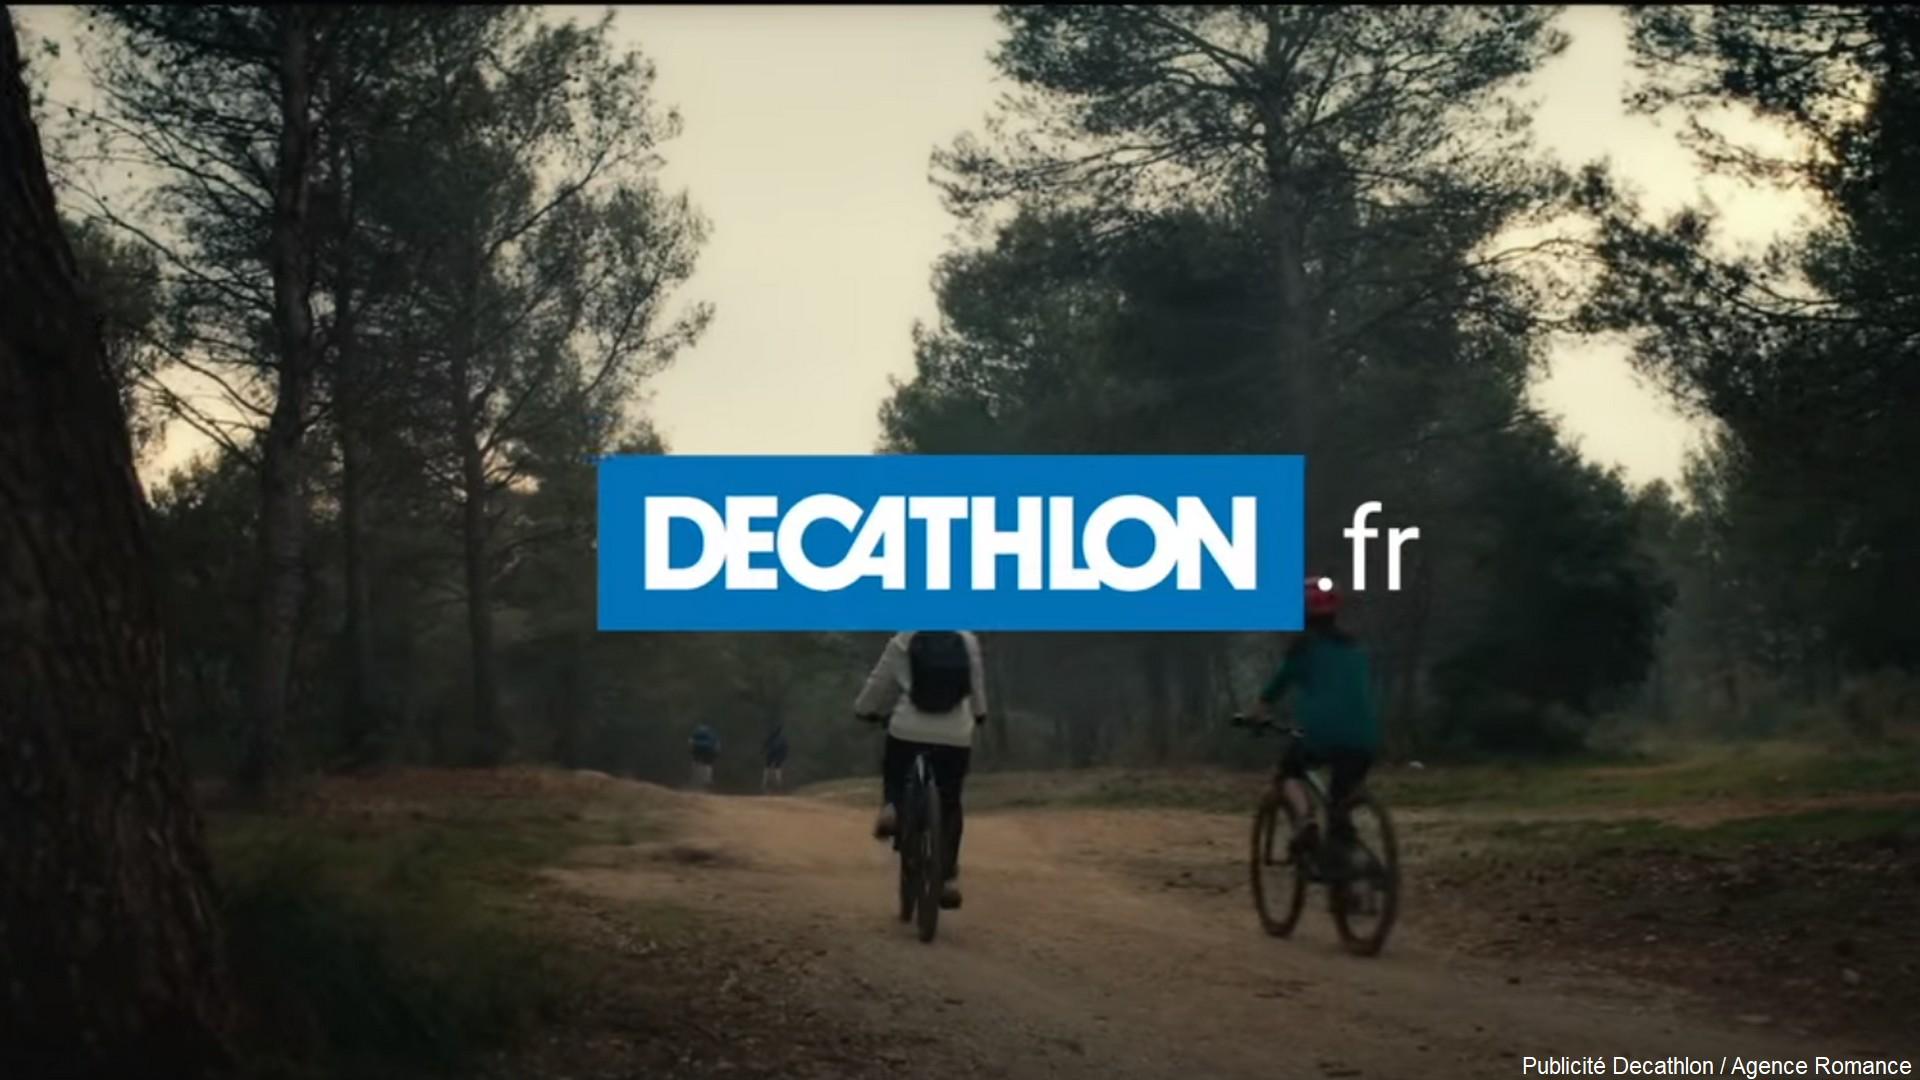 Decathlon x Le sport rend le monde meilleur (publicité) 2021